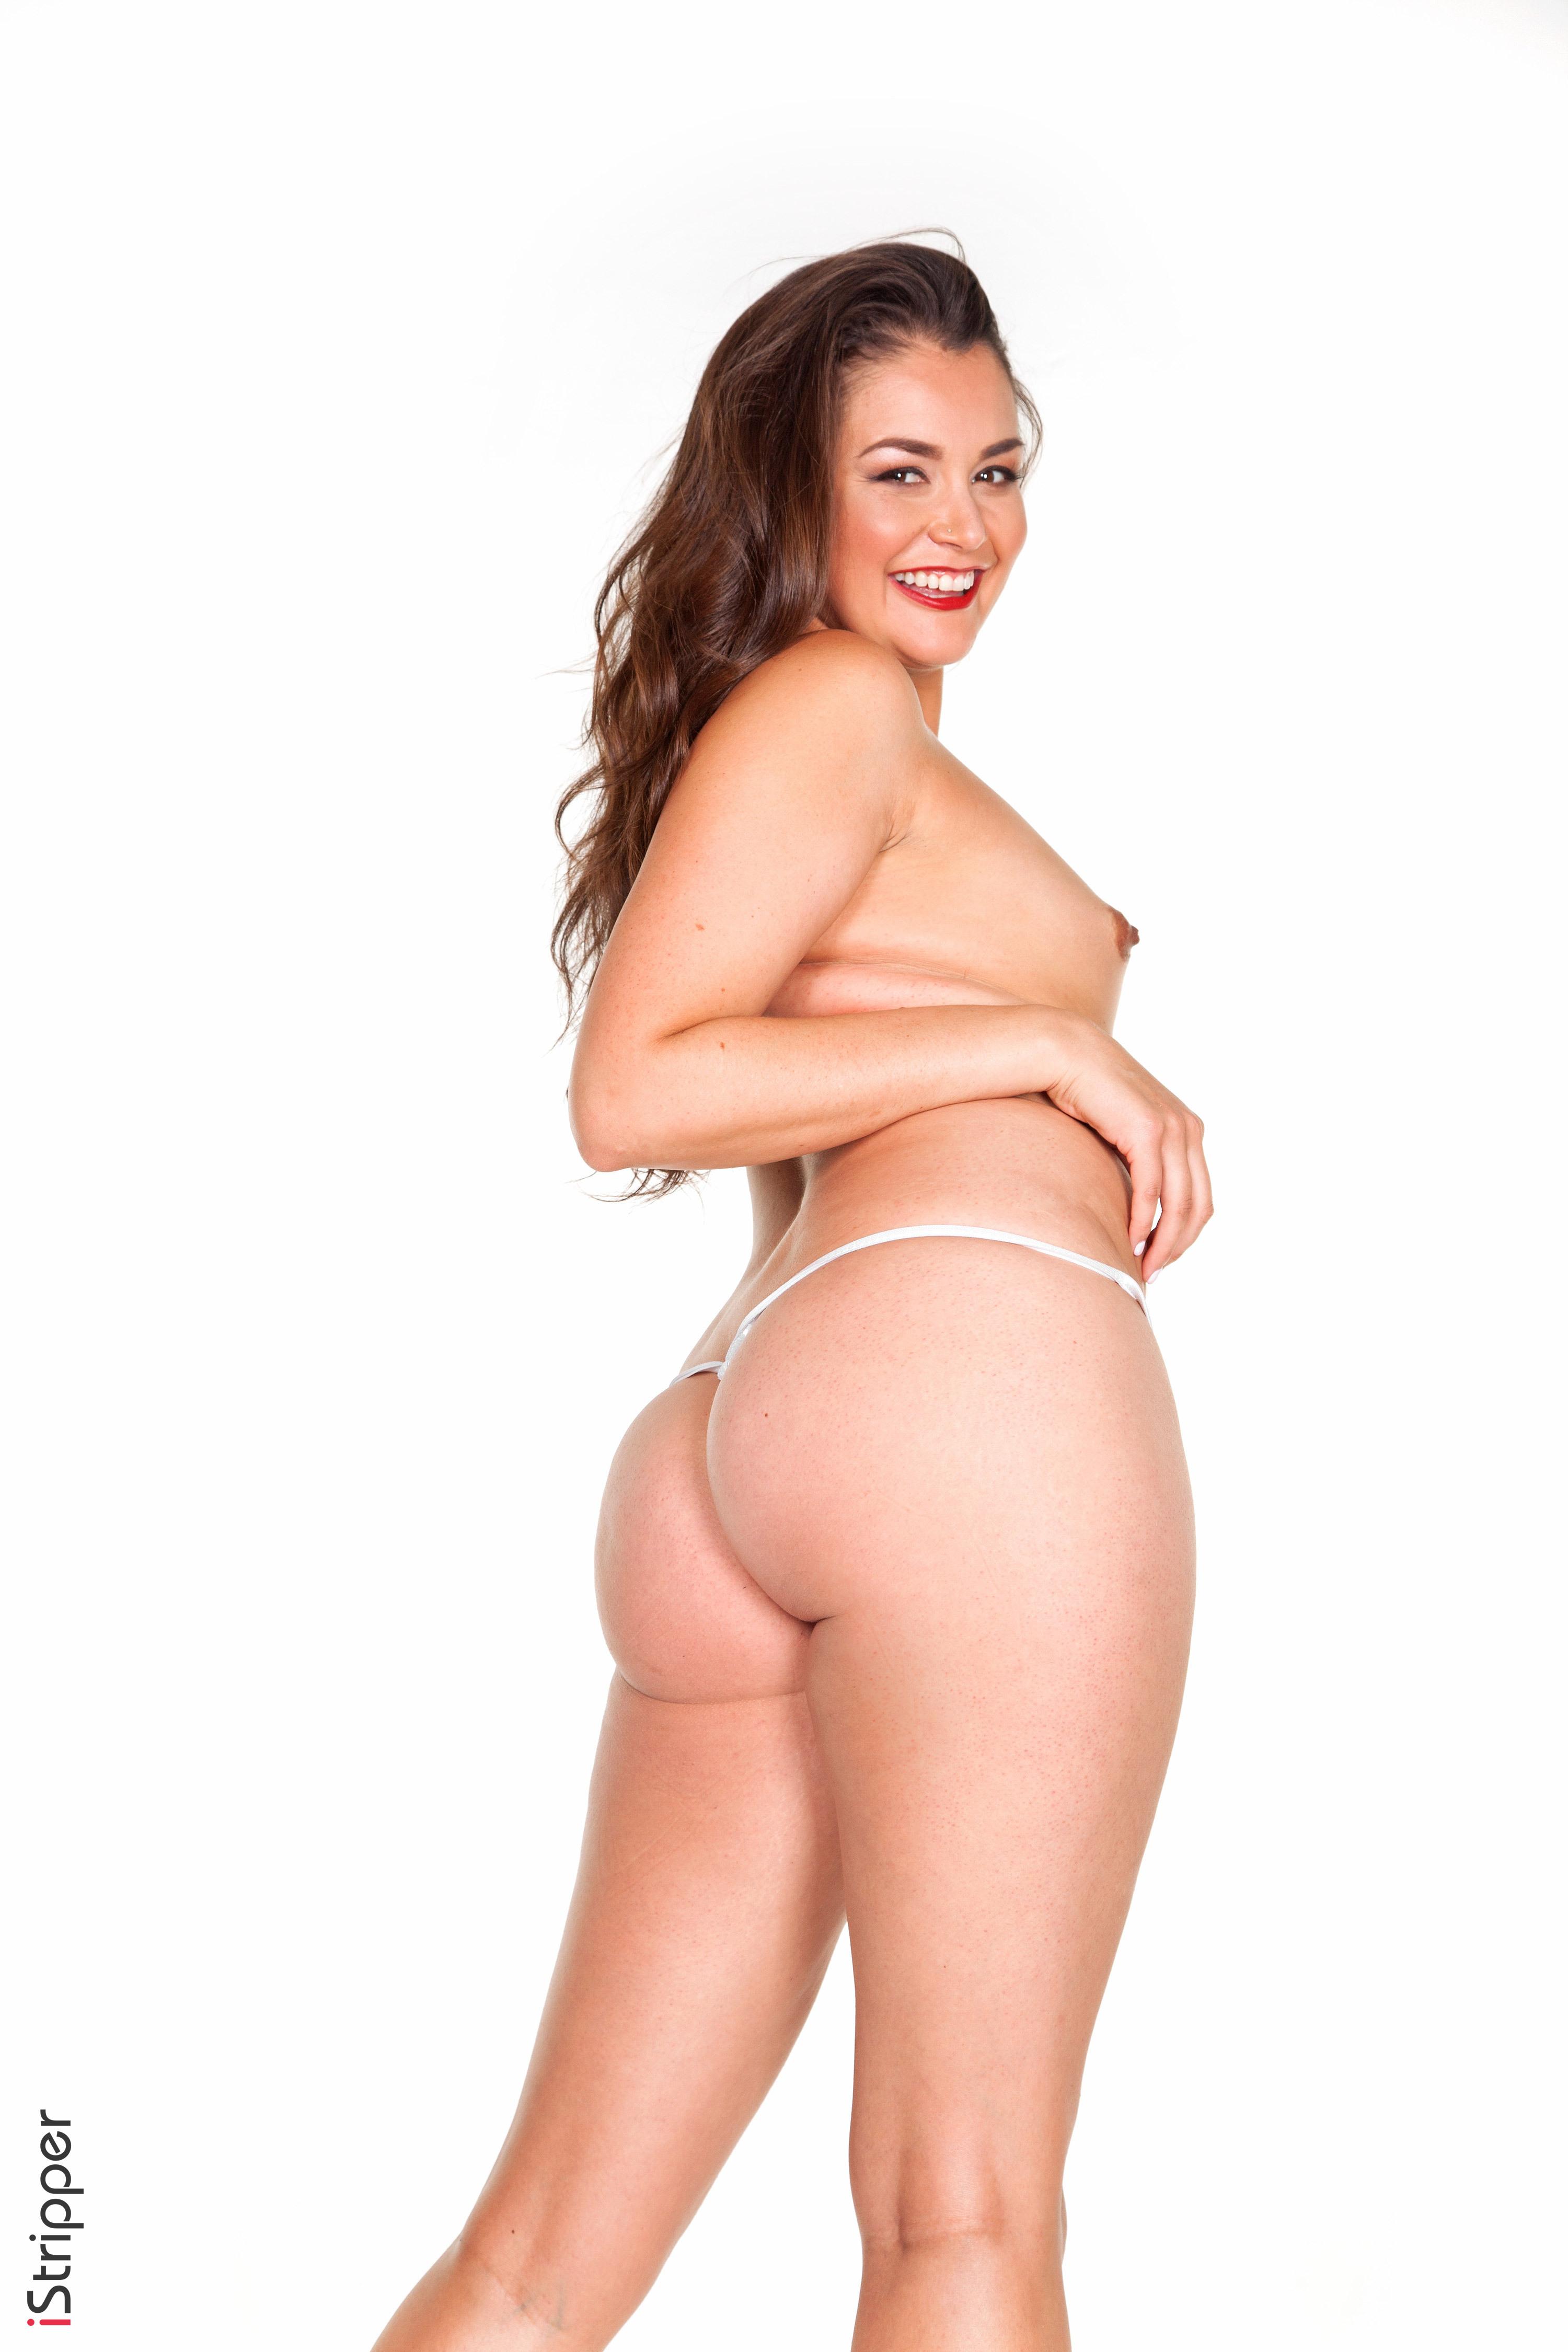 wallpapers topless oshima hd nude